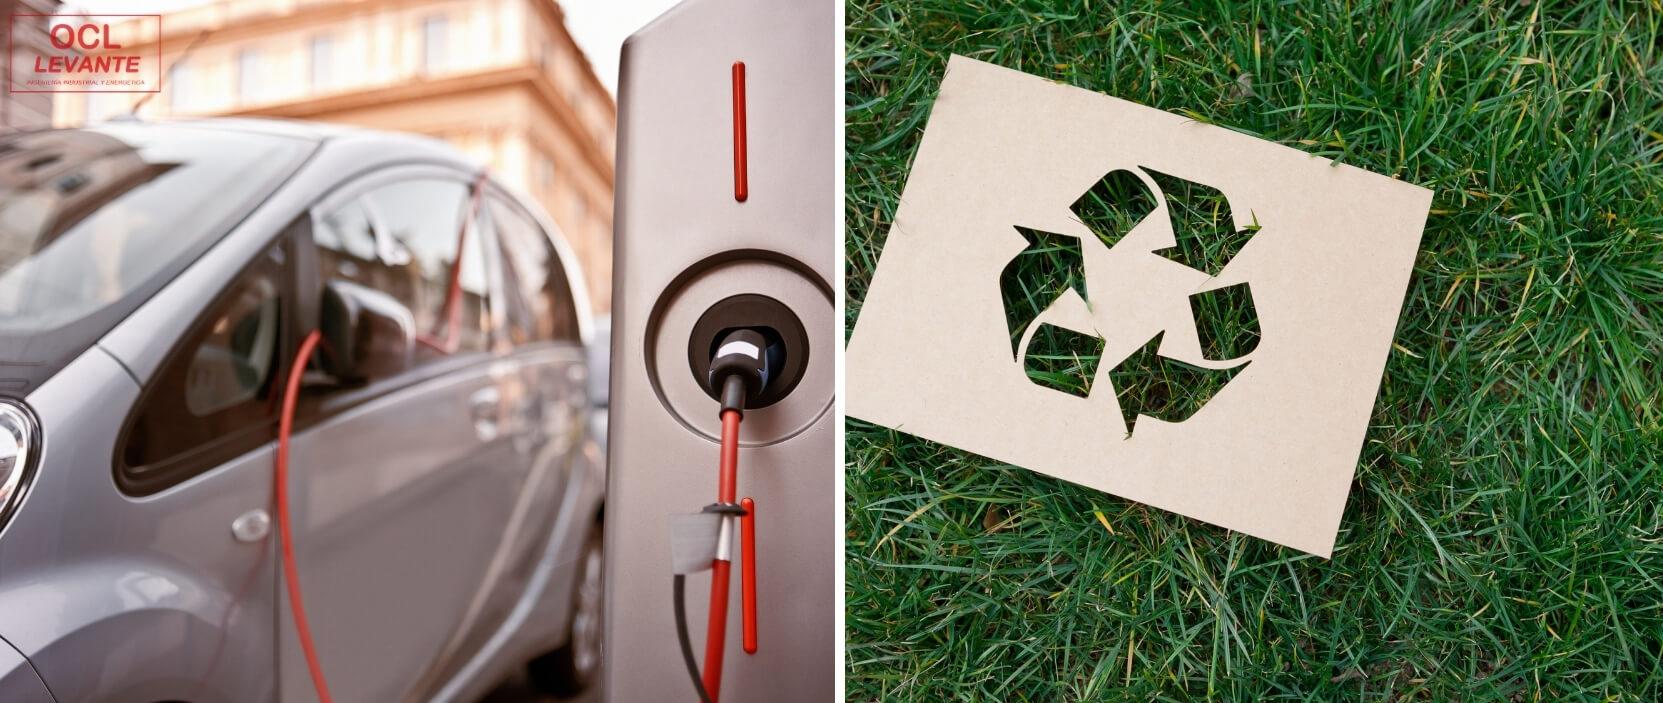 casas ecológicas con recargas de coches eléctricos y materiales reciclables